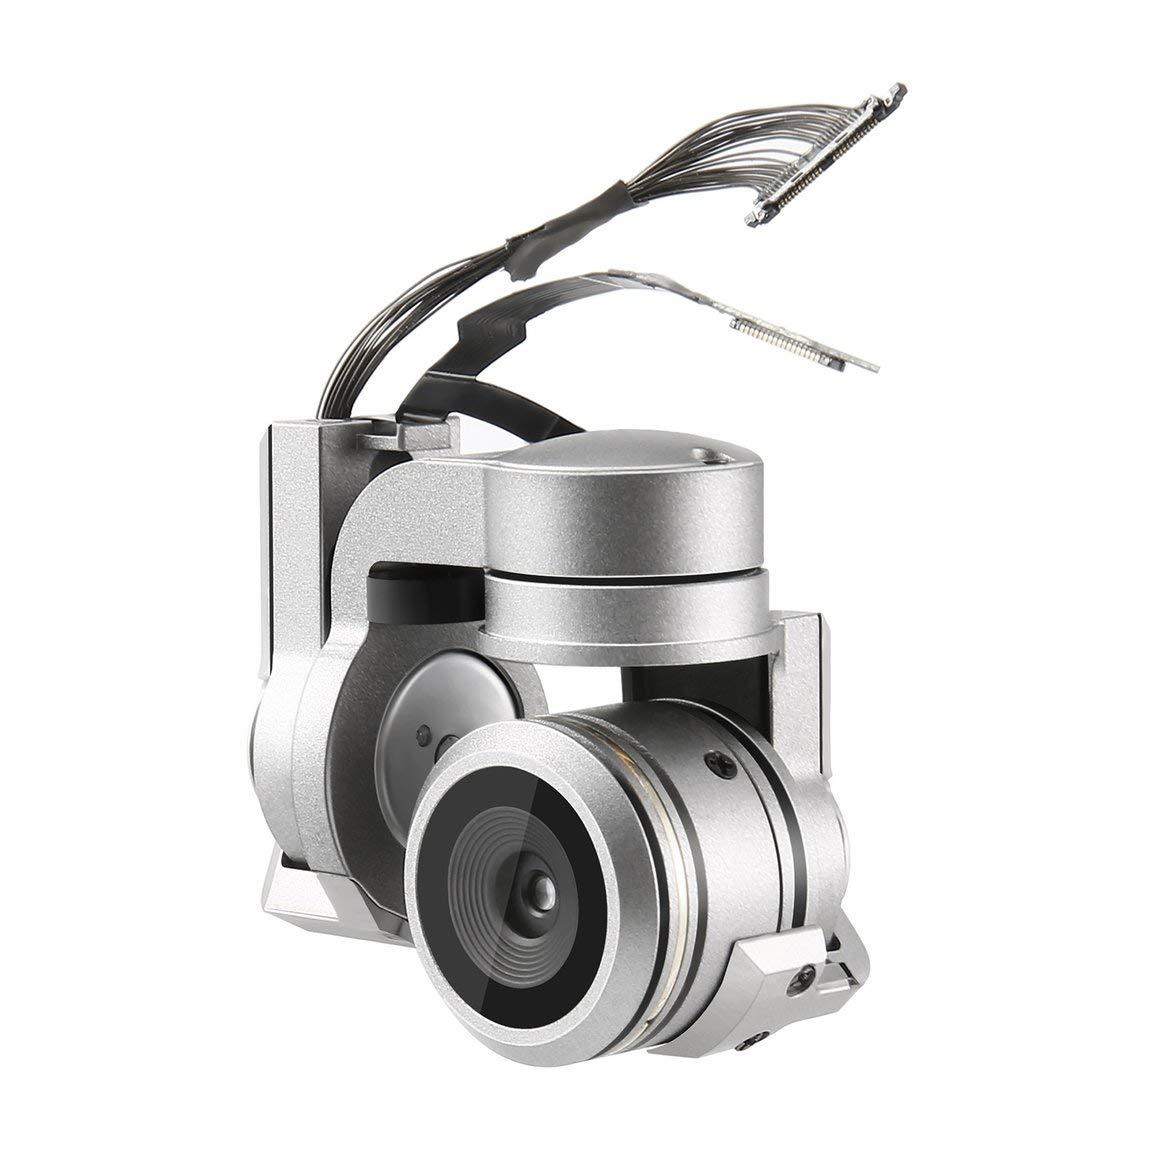 DJI B07MYYPNGV Mavic Pro用フラットフレックスケーブルキット4kカメラ修理部品付きFunnyrunstoreジンバルアーム(カラー:シルバー) DJI B07MYYPNGV, 国分寺市:ac0465b4 --- bulkcollection.top